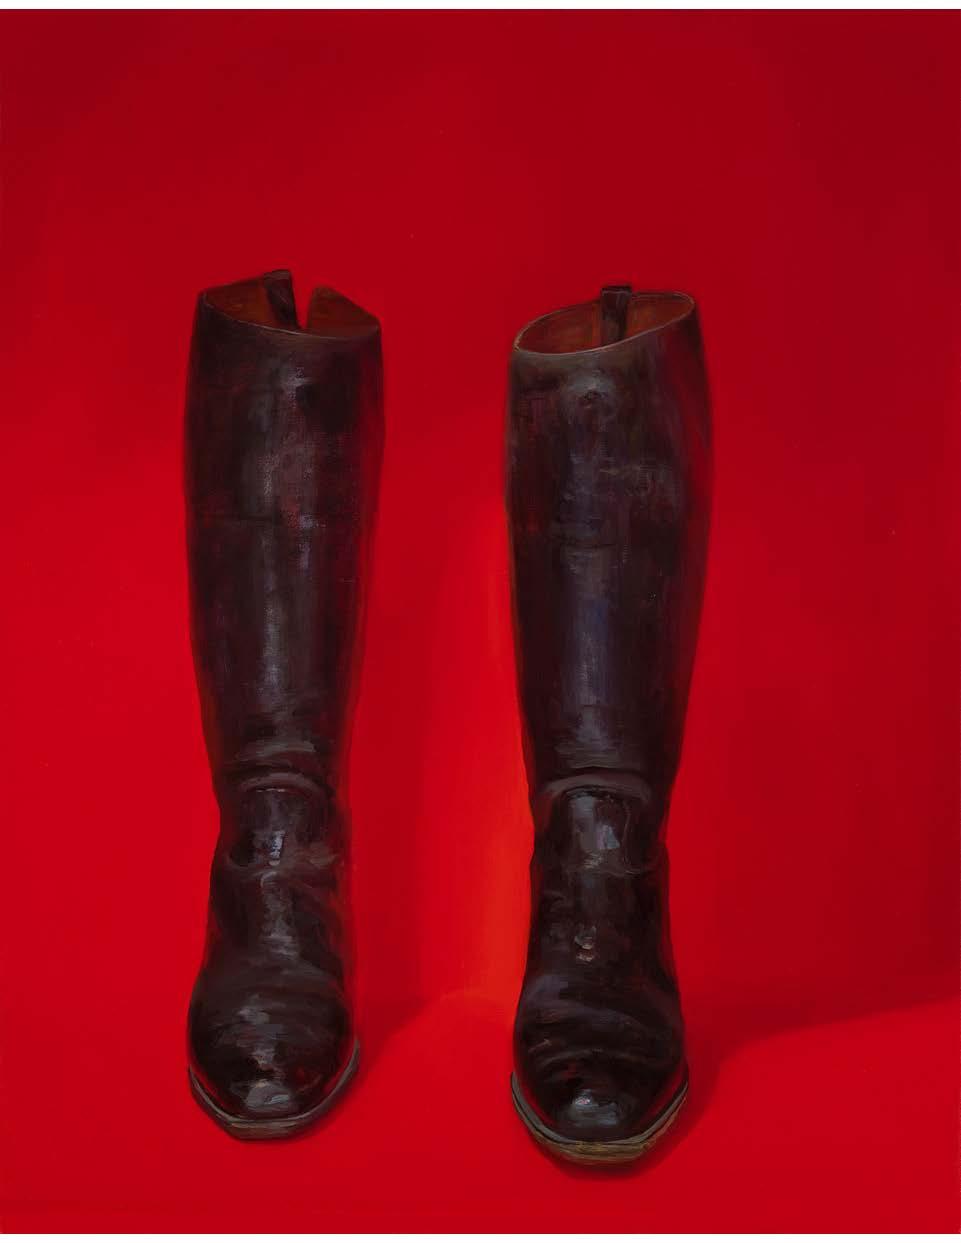 Boots_sRGB